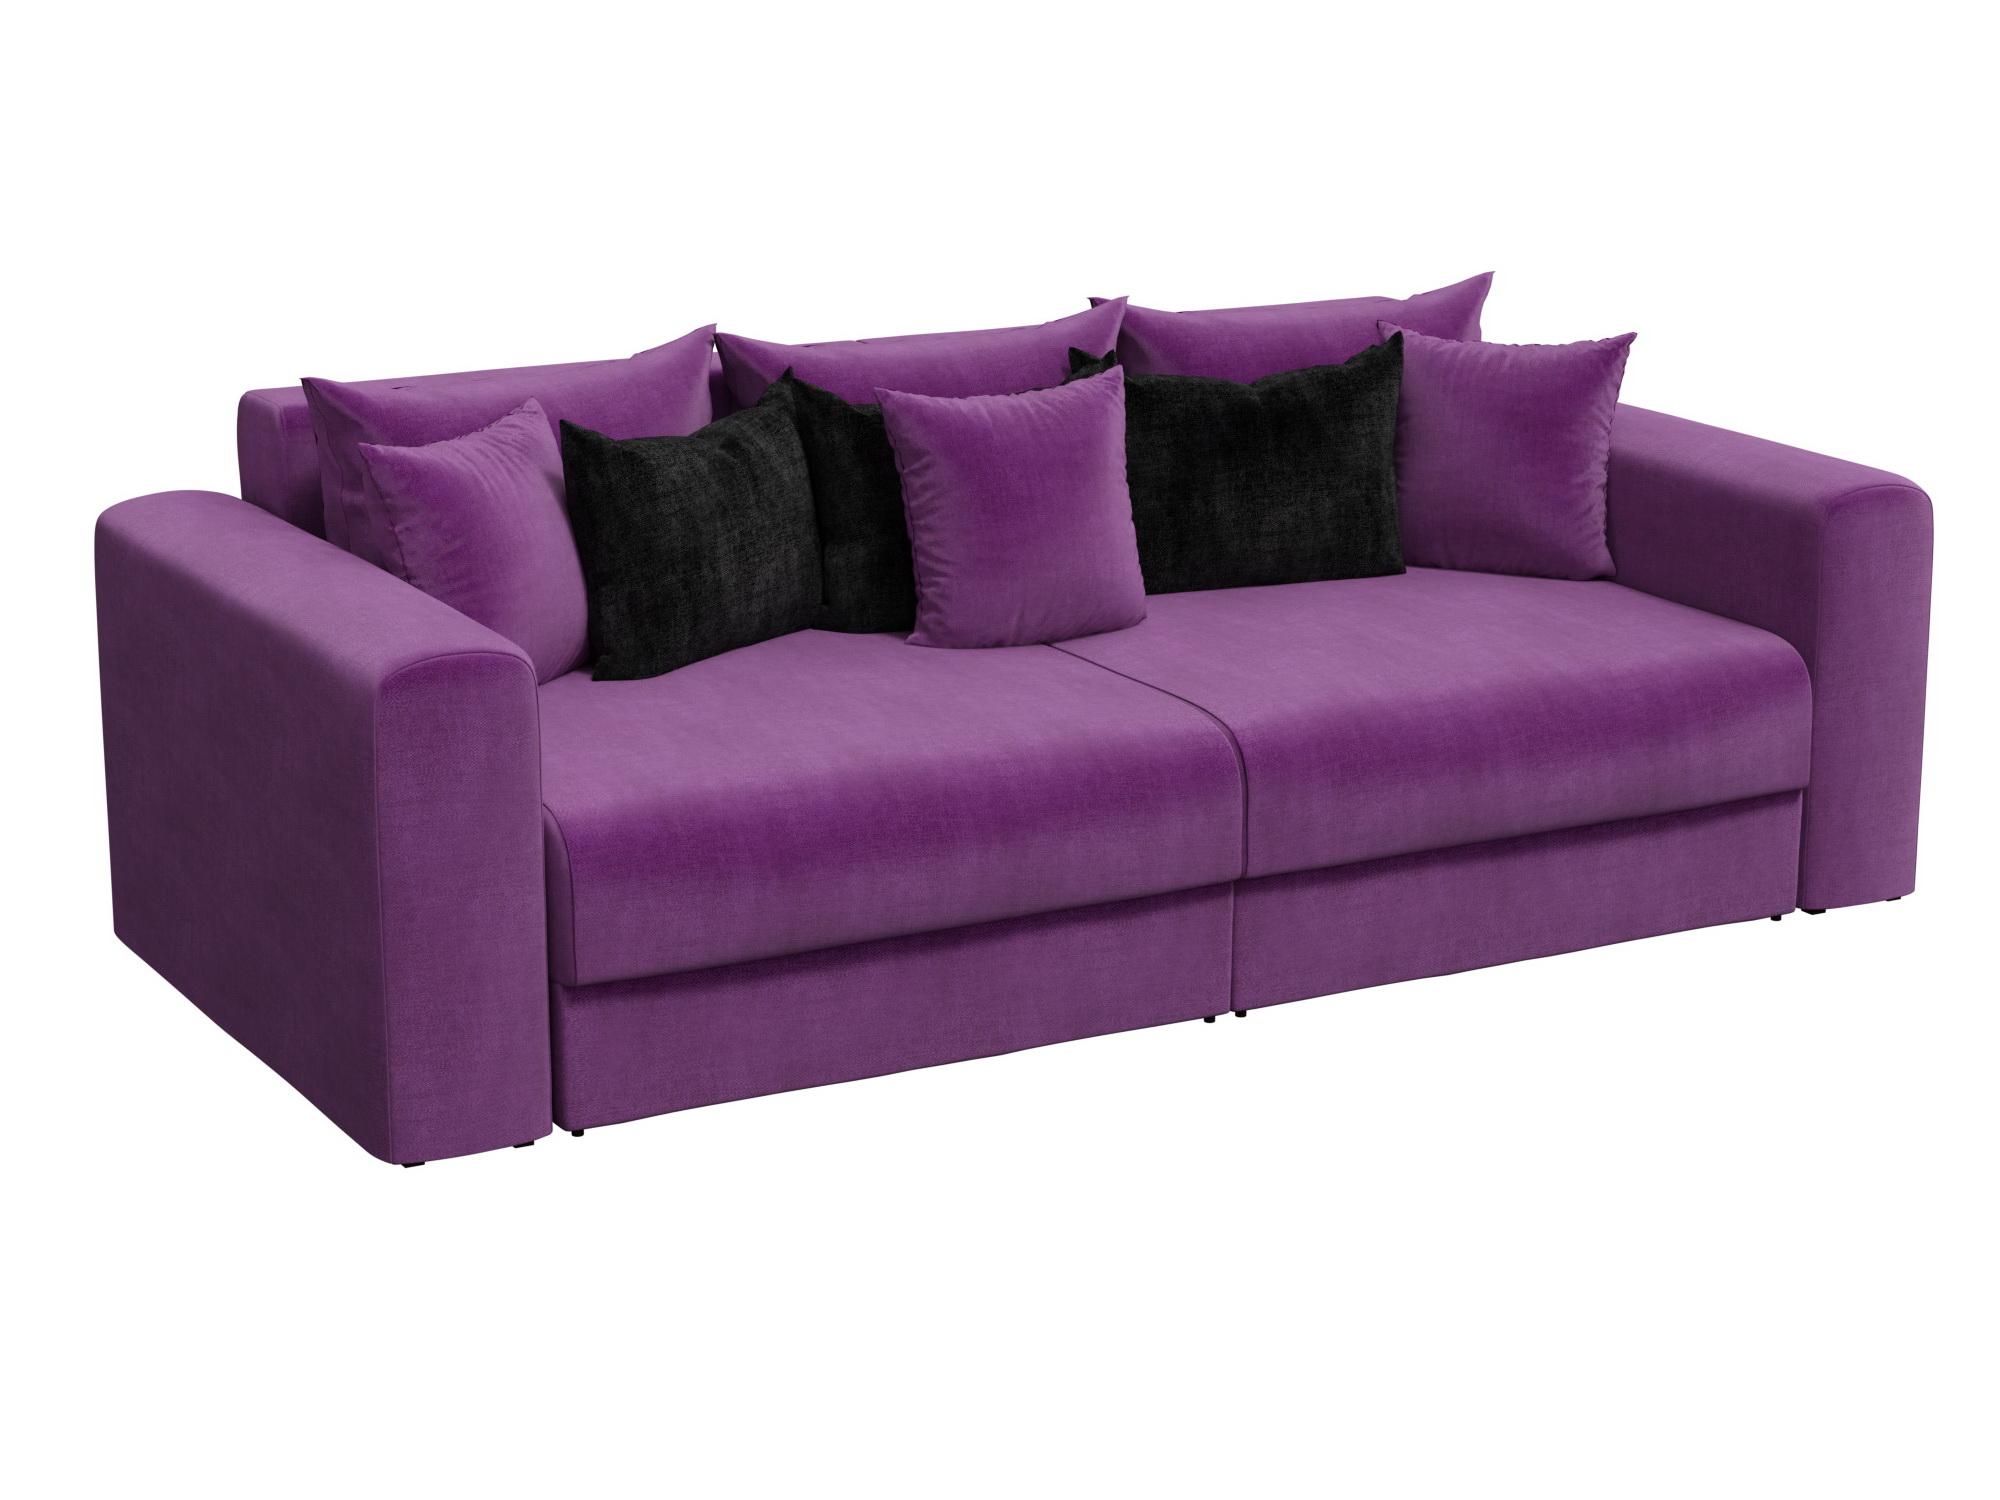 Диван прямой Лига Диванов Мэдисон микровельвет фиолетовый/ подушки черный